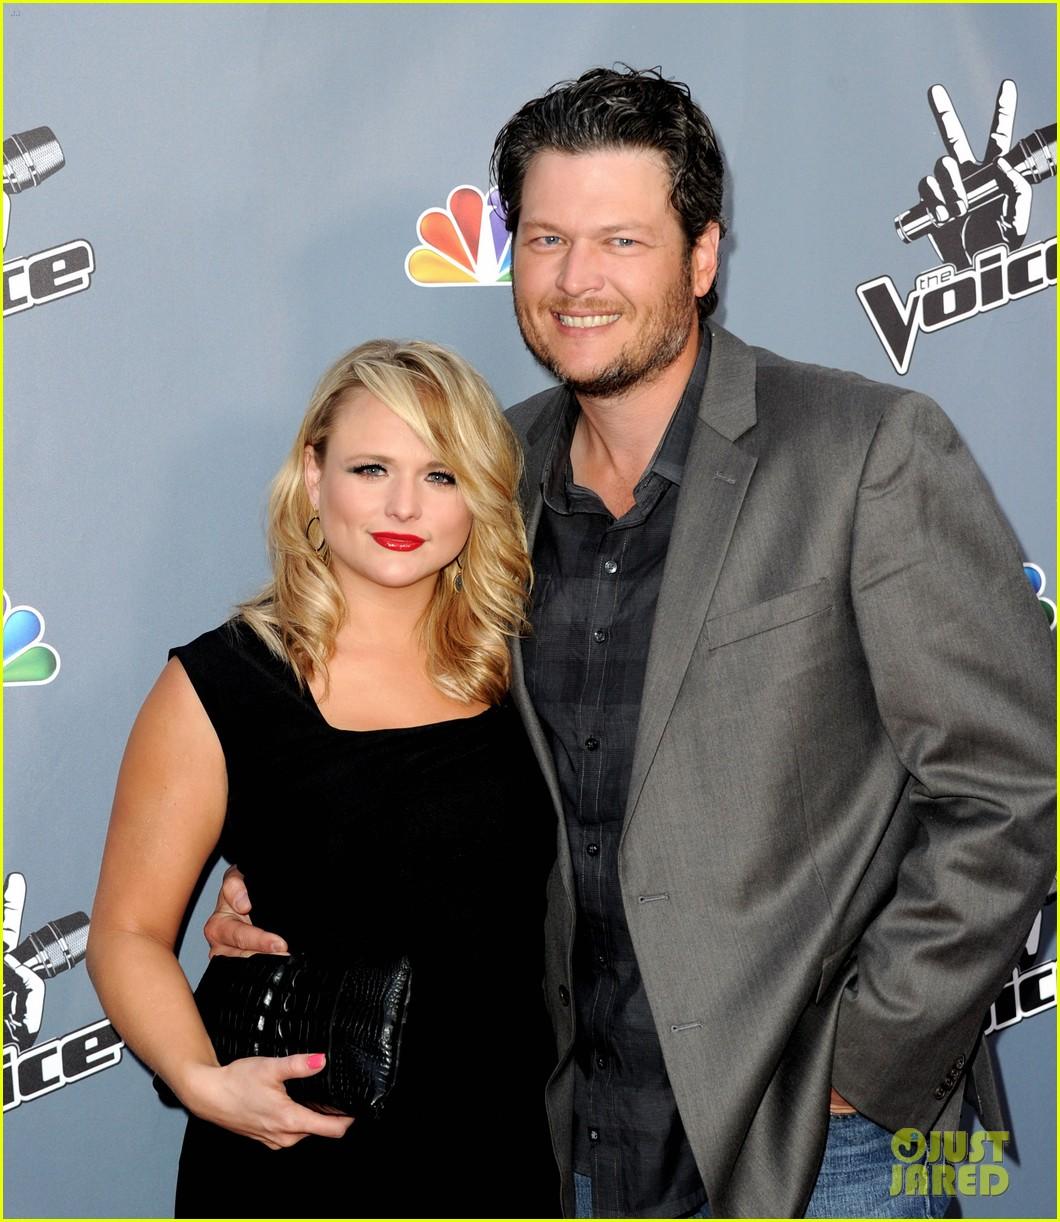 Miranda Lambert & Blake Shelton Finalize Their Divorce